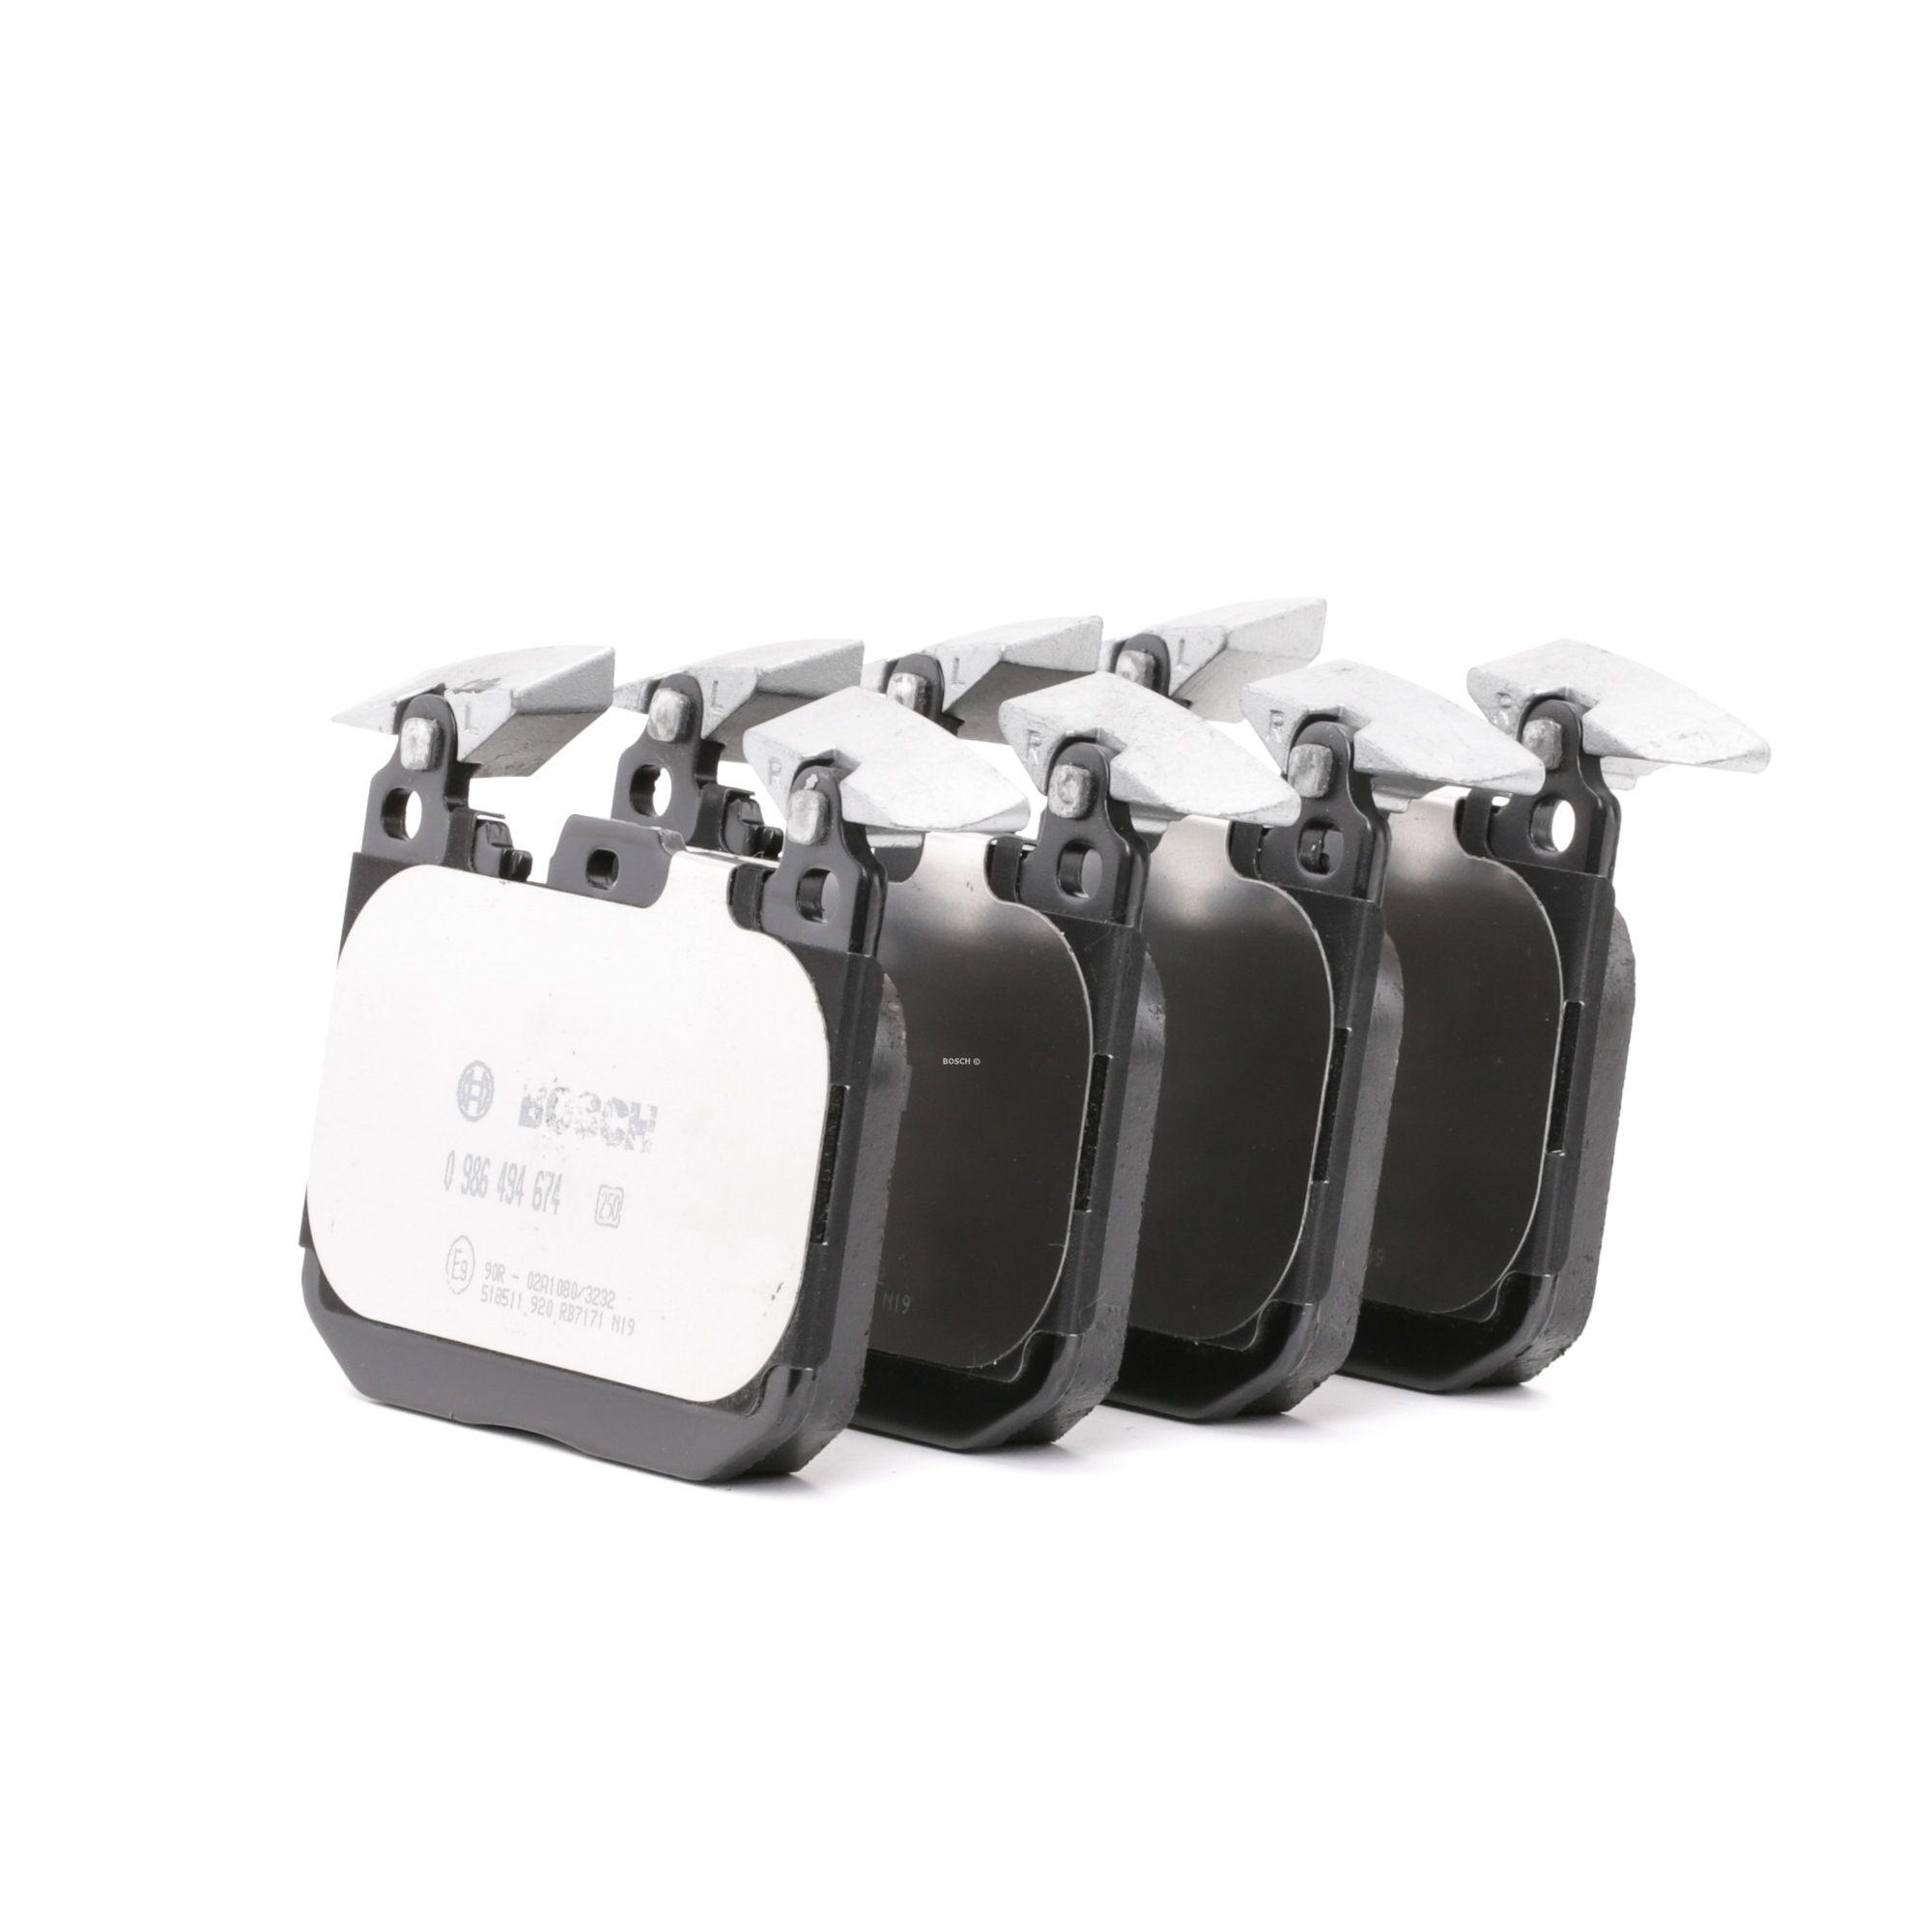 Bremsbelagsatz BOSCH E990R02A10803232 Bewertung